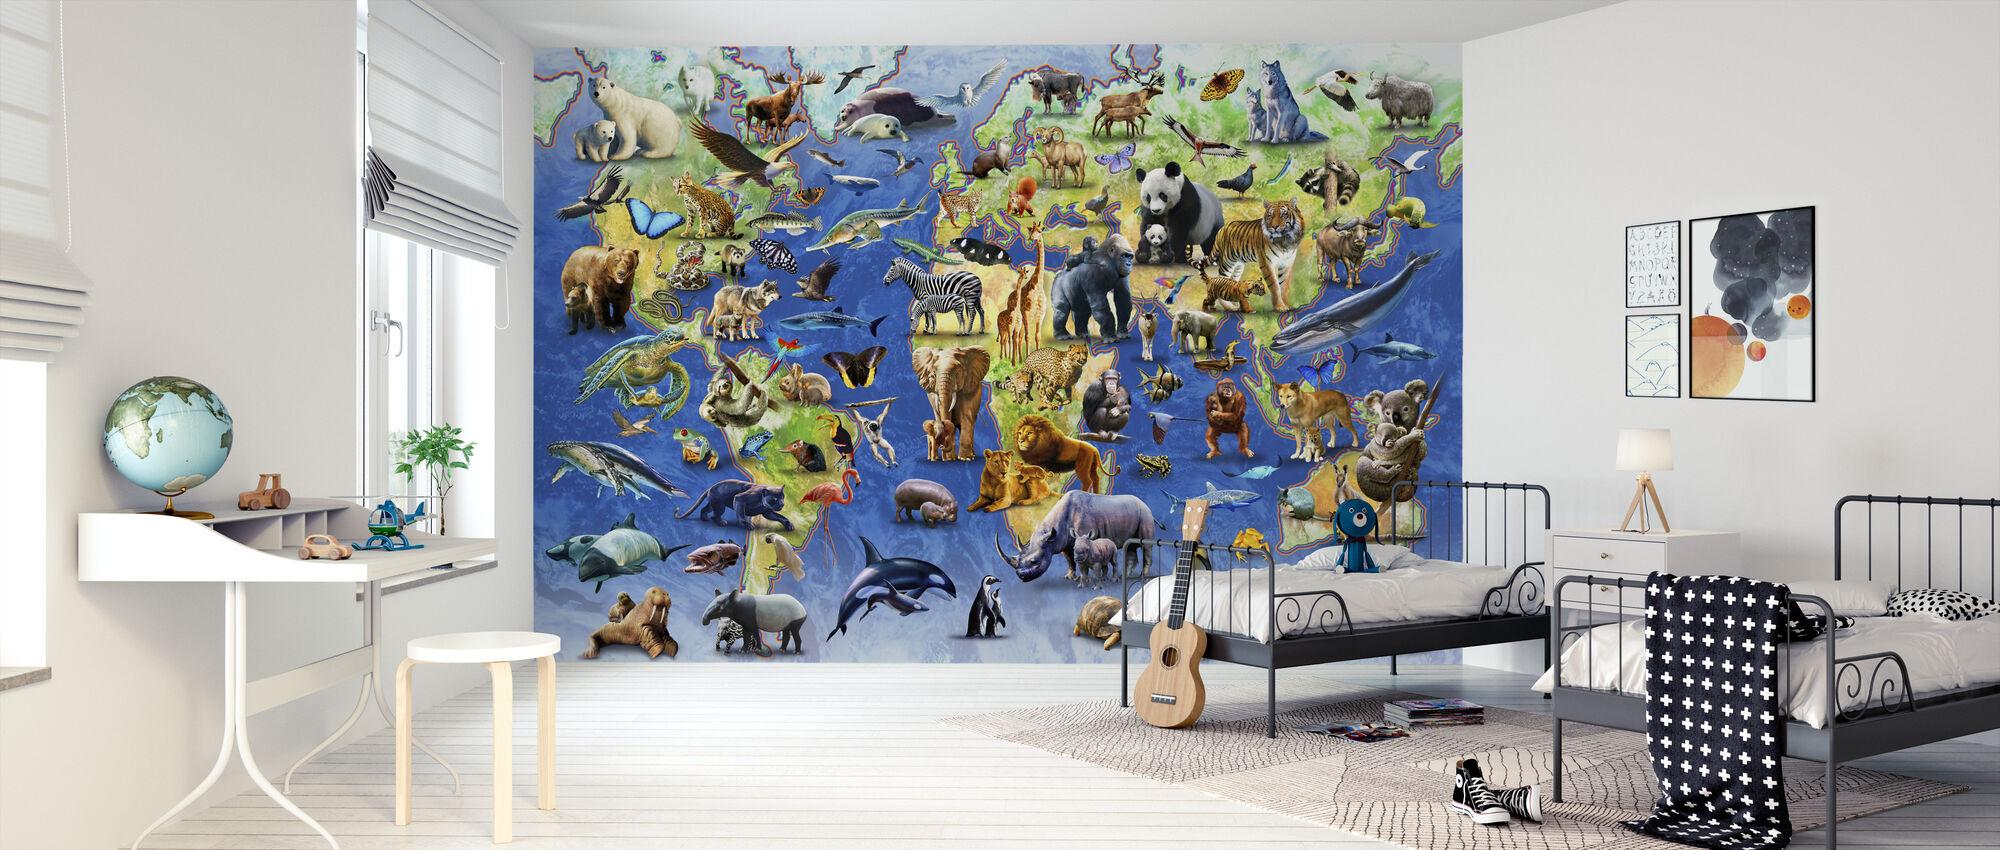 Honderd bedreigde soorten - Behang - Kinderkamer